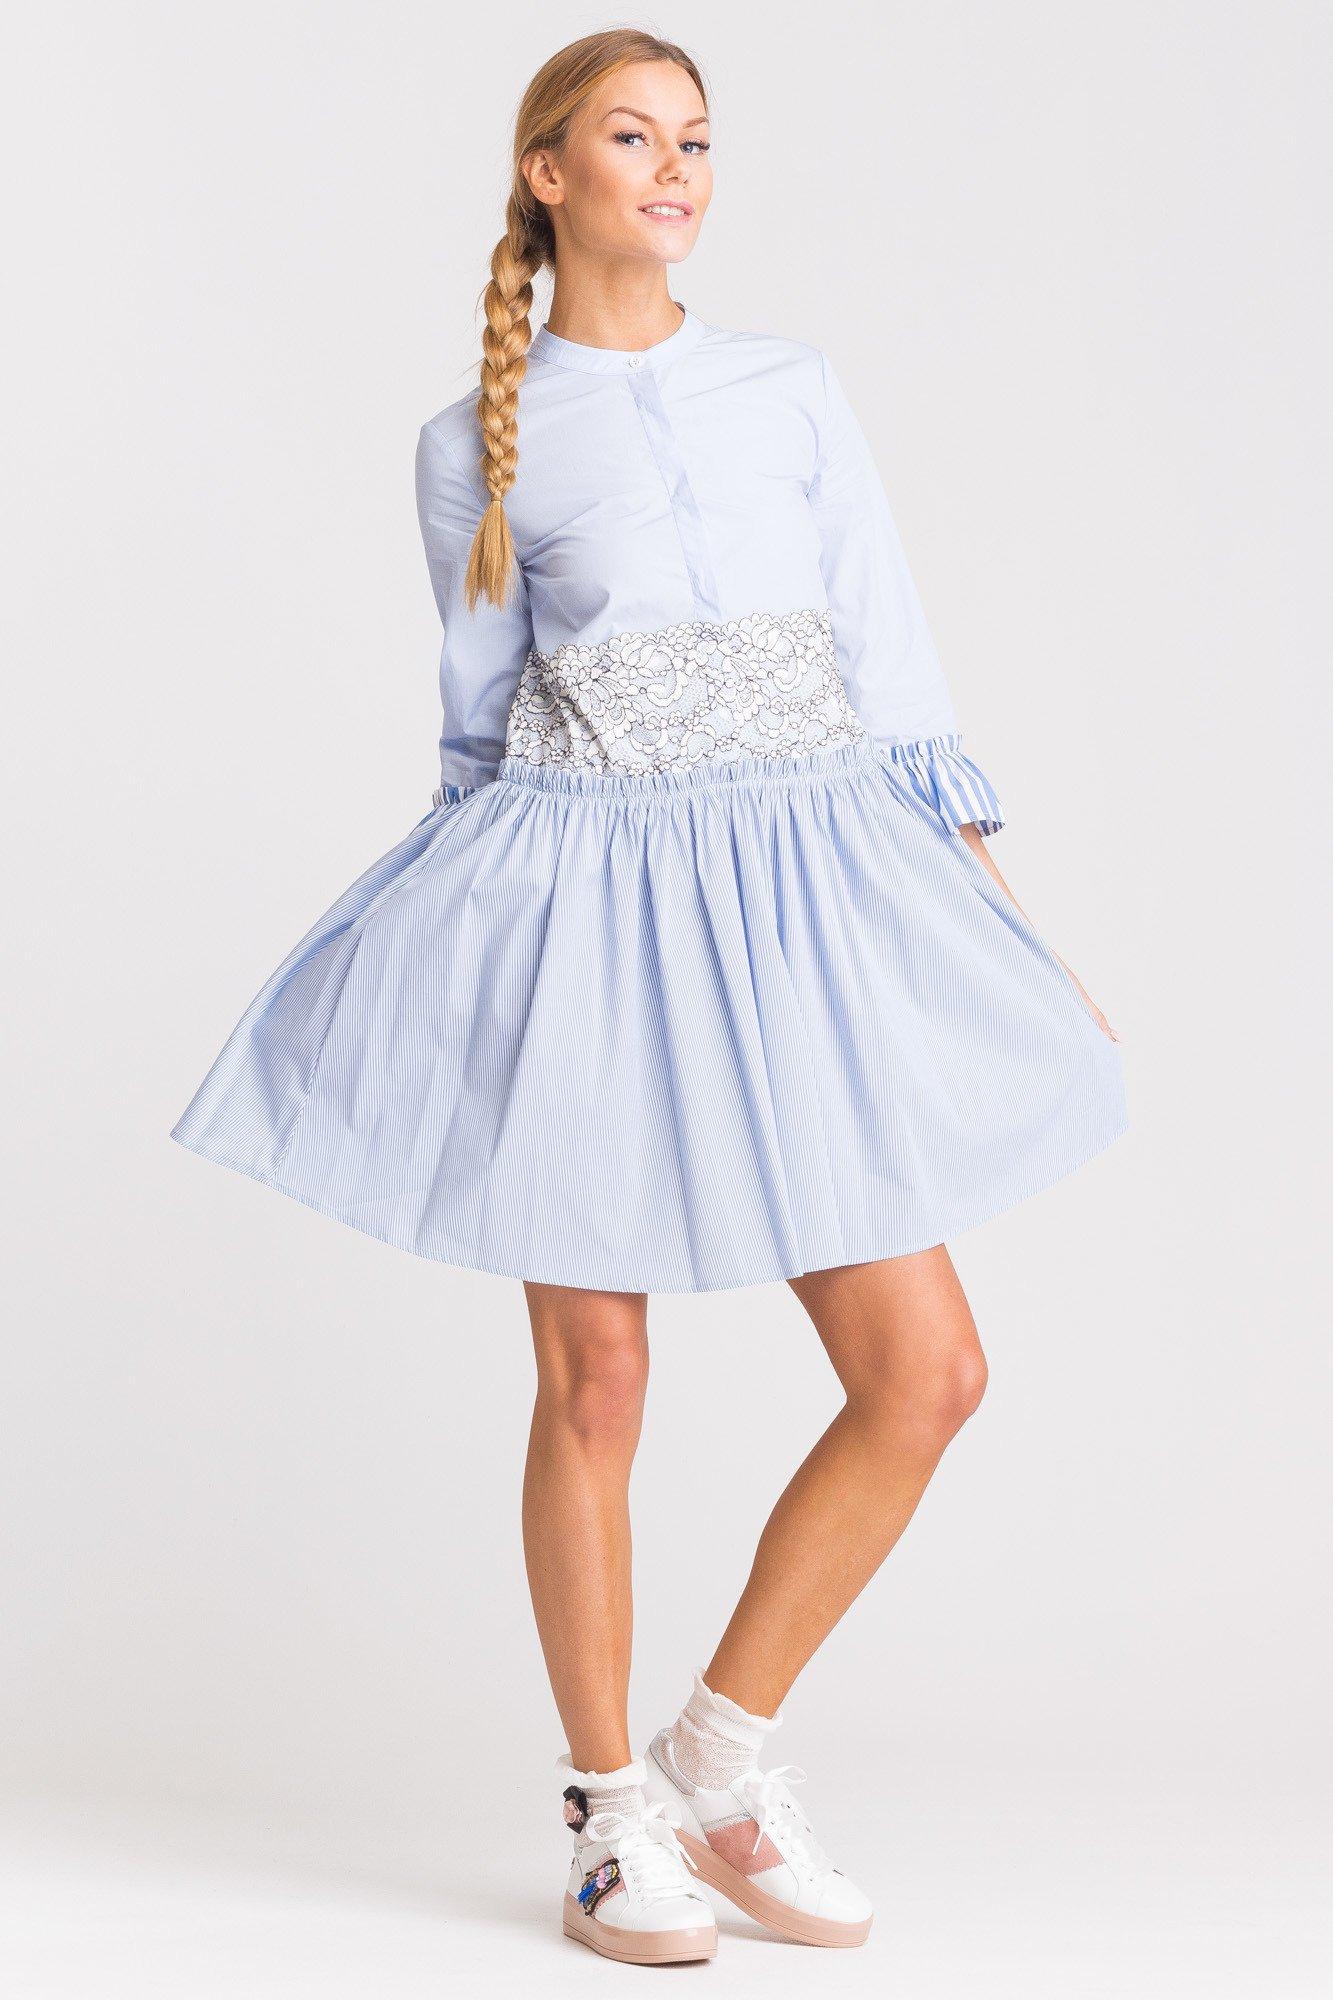 c9170d281e ... Niebieska sukienka My Twin z biało-czarną koronką ...